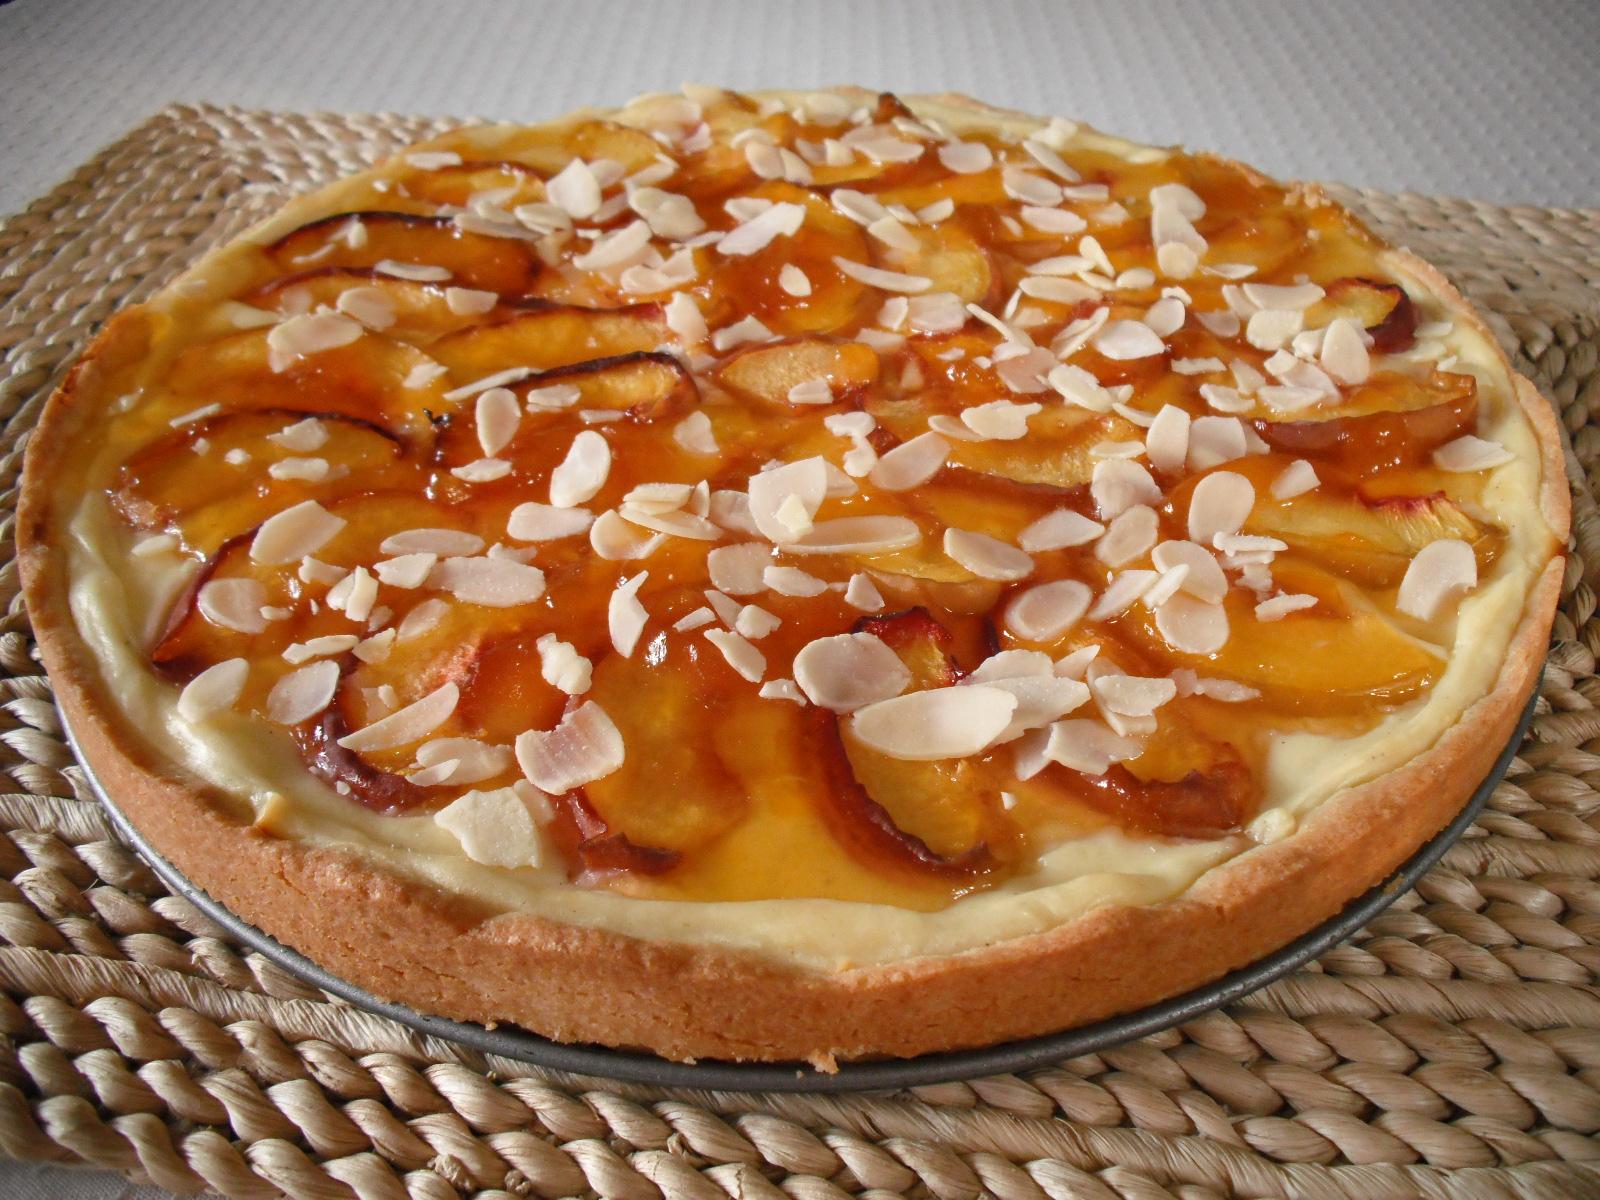 Ovocný koláč z křehkého těsta